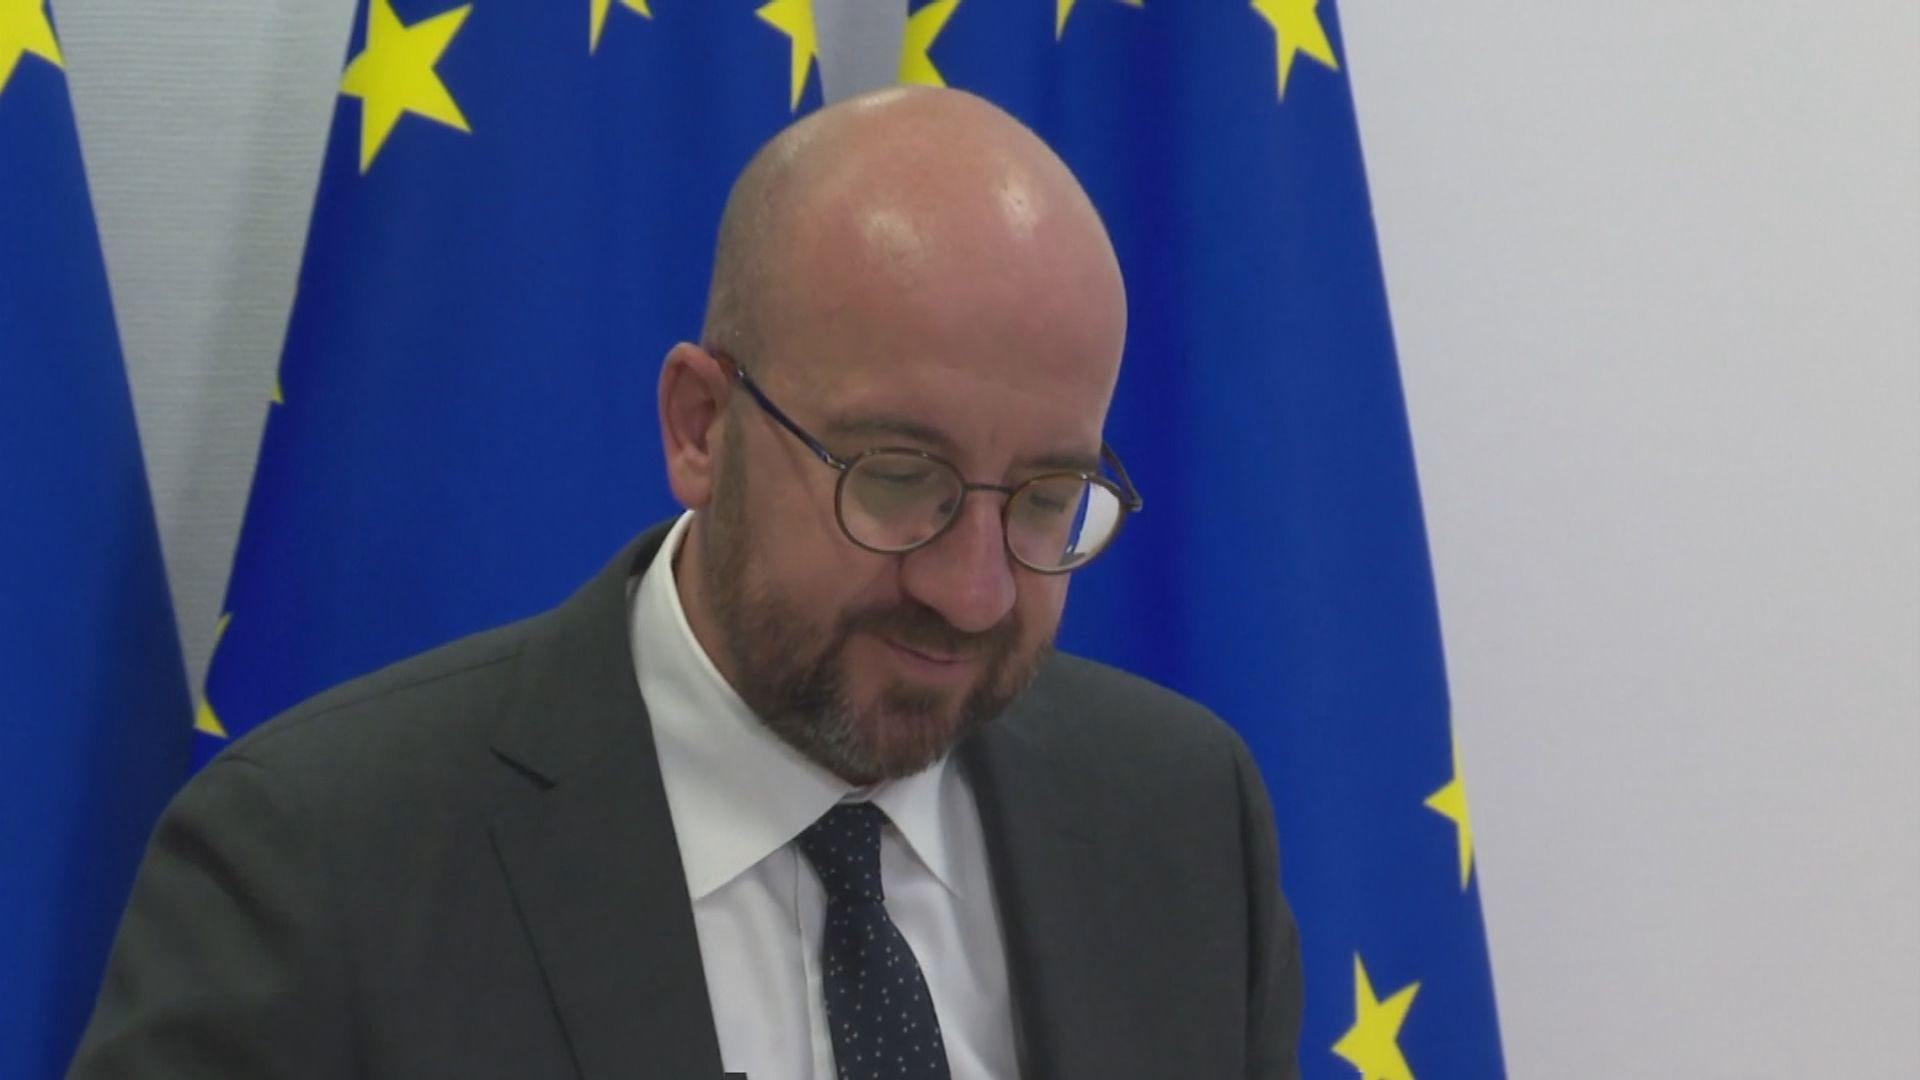 歐洲理事會主席接觸過新冠病毒確診者需自我隔離